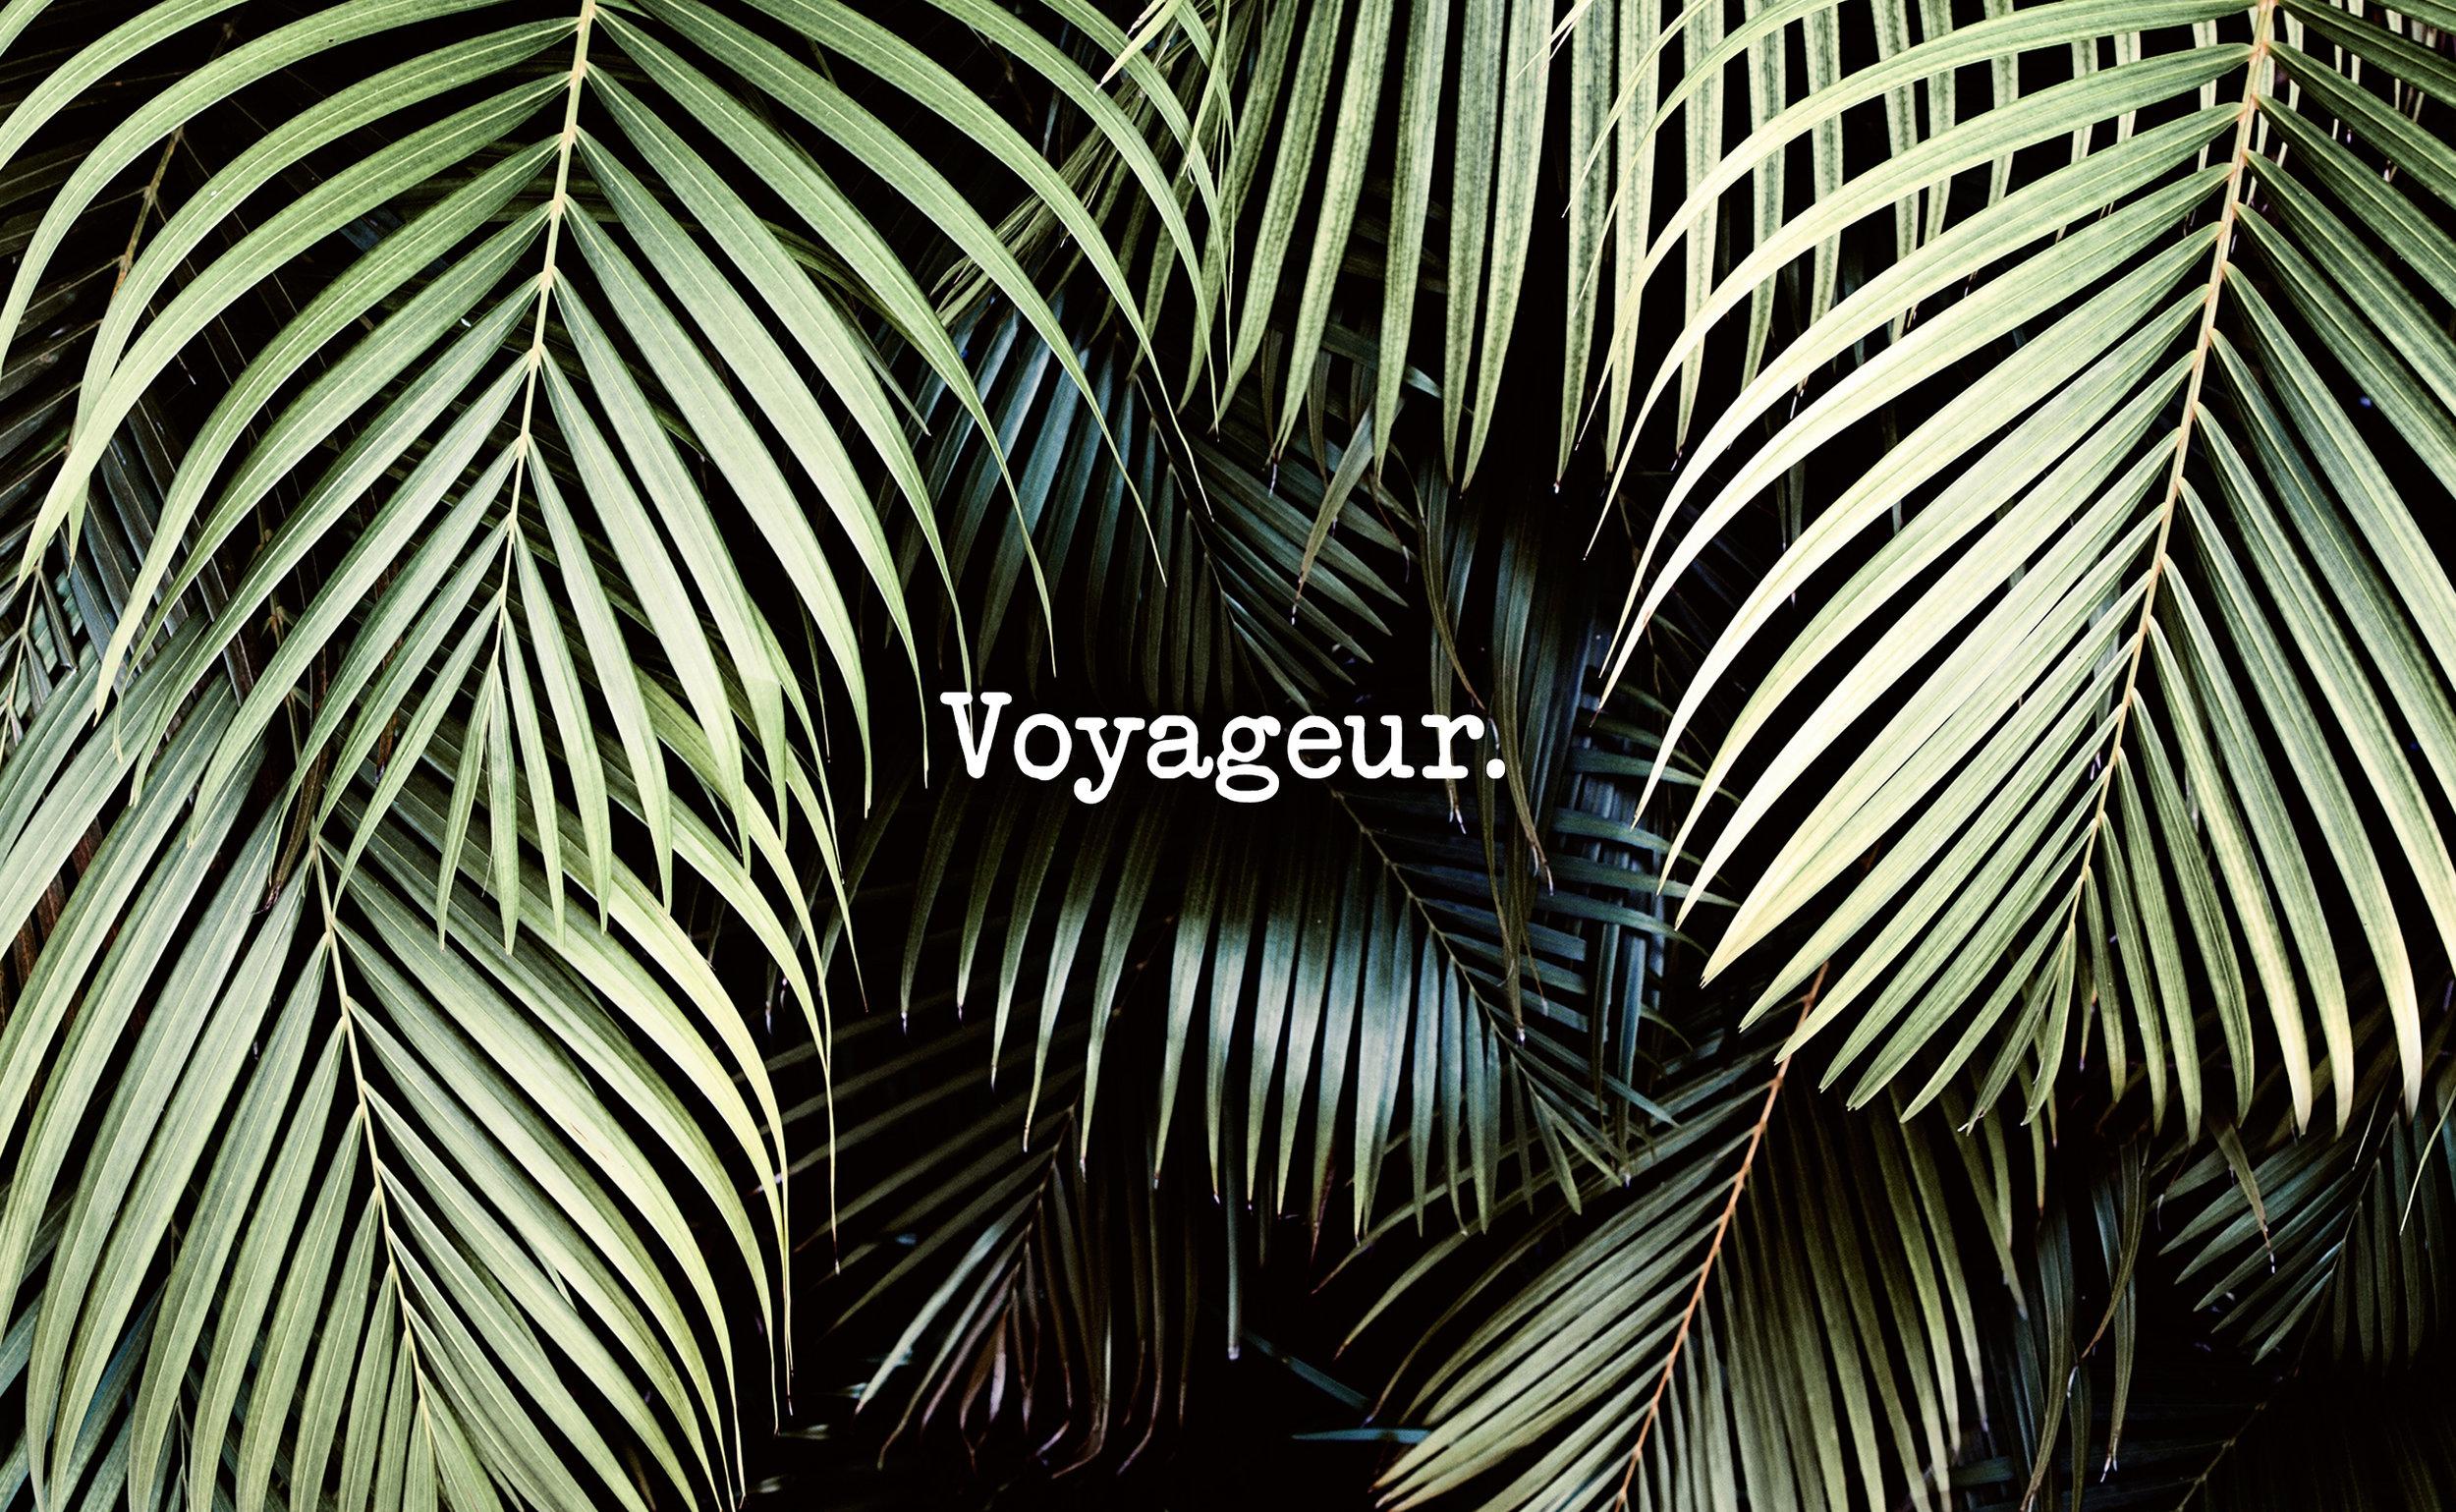 Voyageur_Intro.jpg